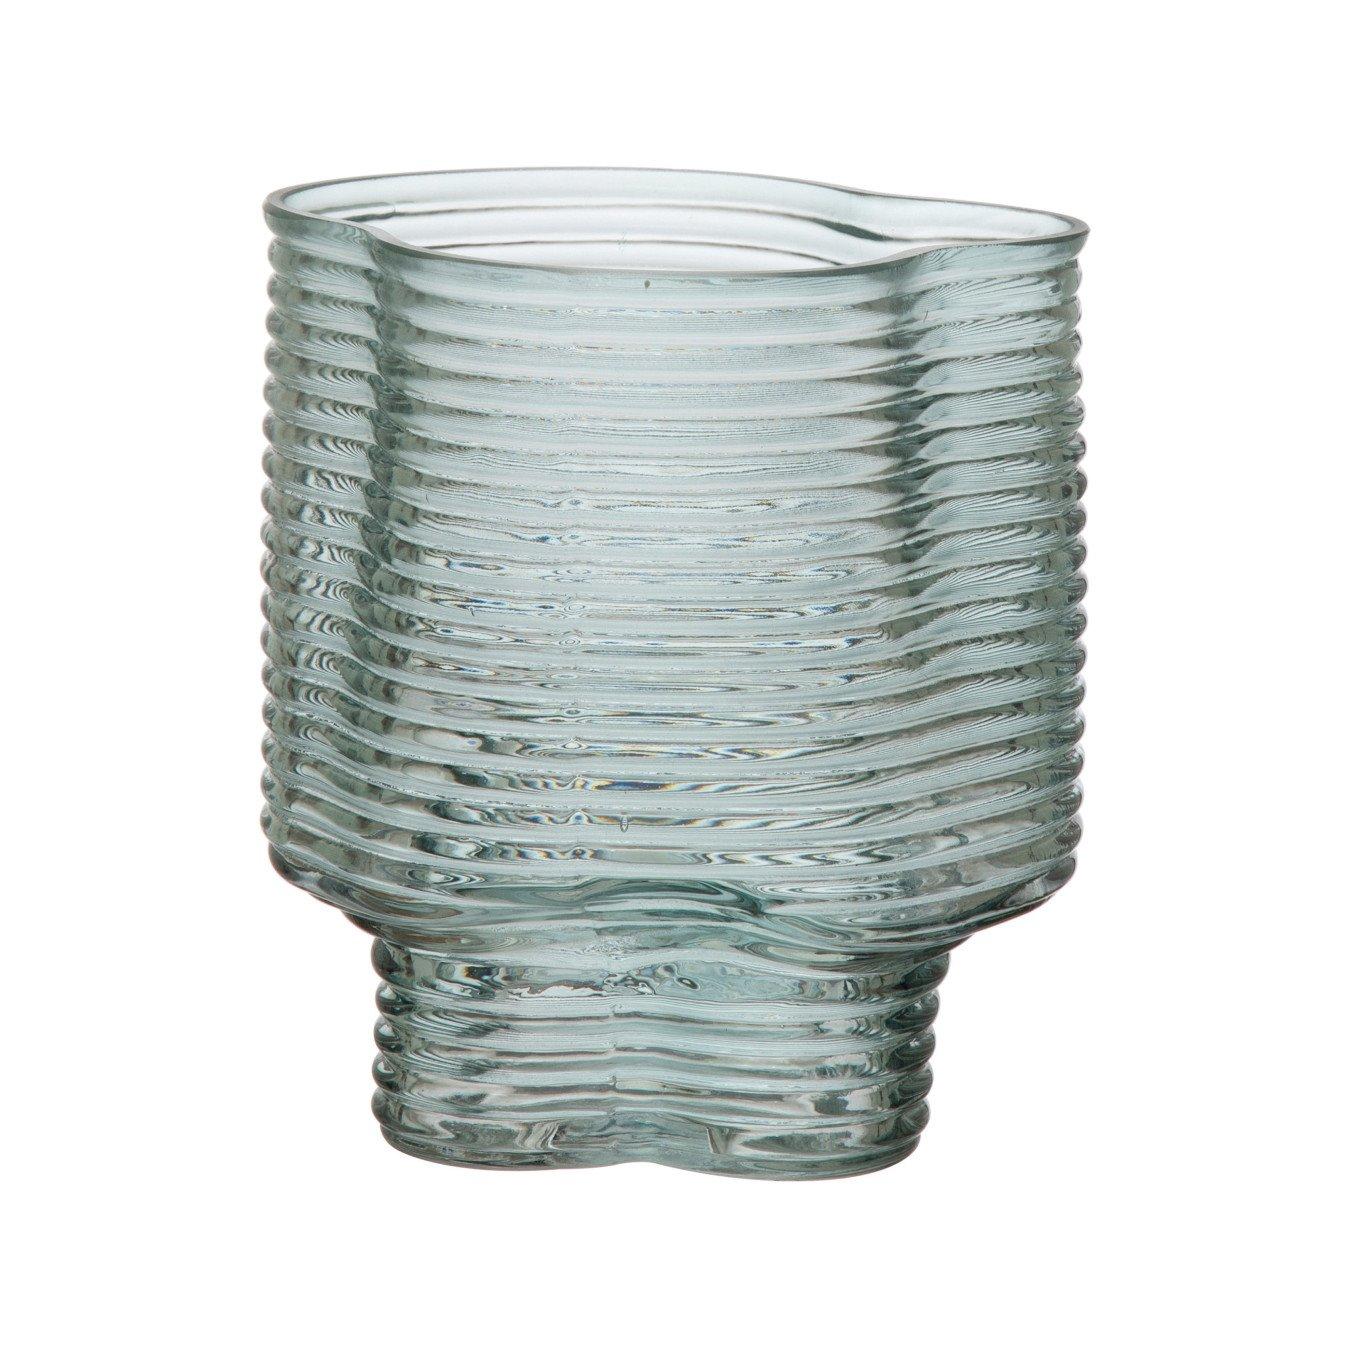 Molded Glass Vase, Green